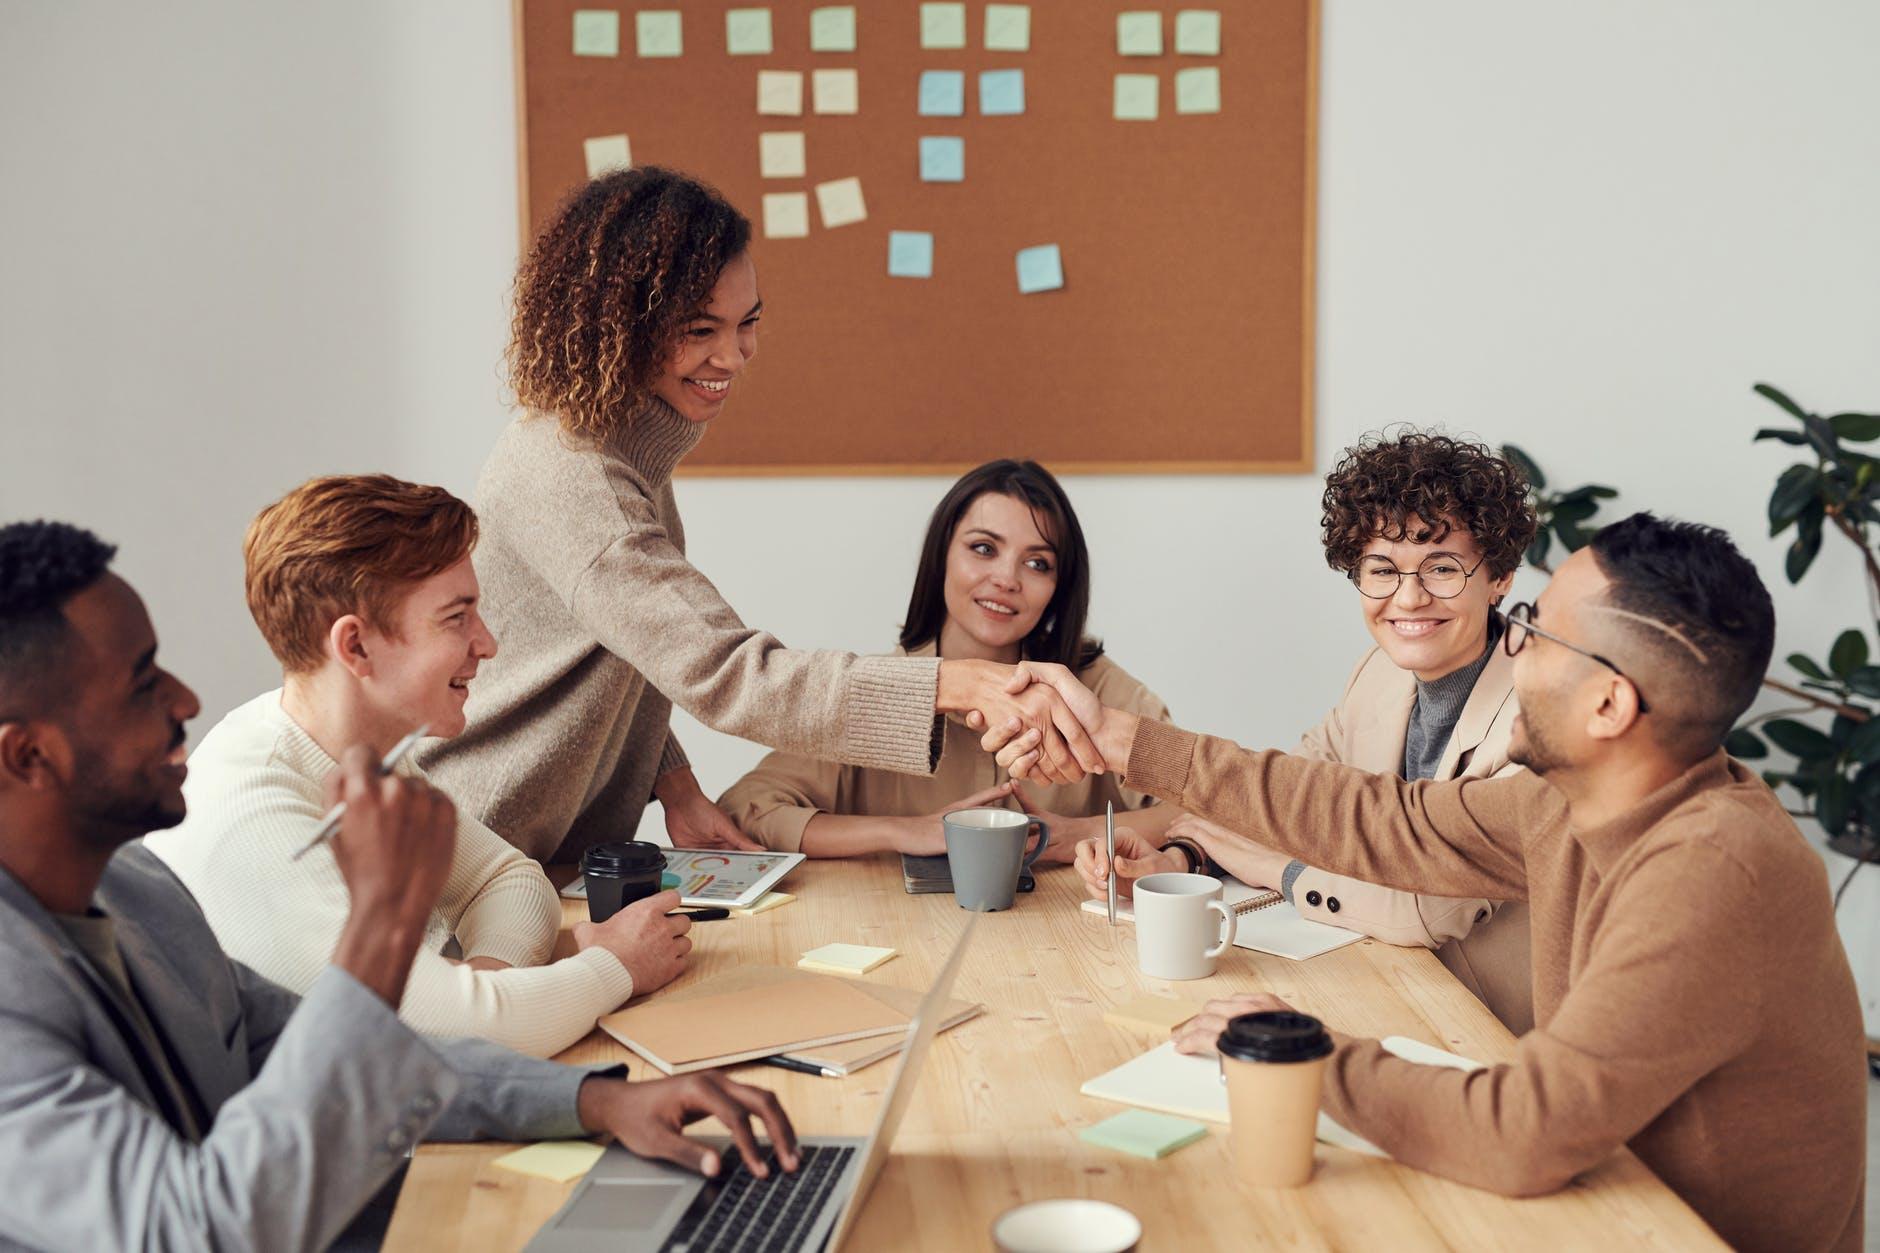 לוח שעם מסגרת עץ - גם בפגישות עסקים